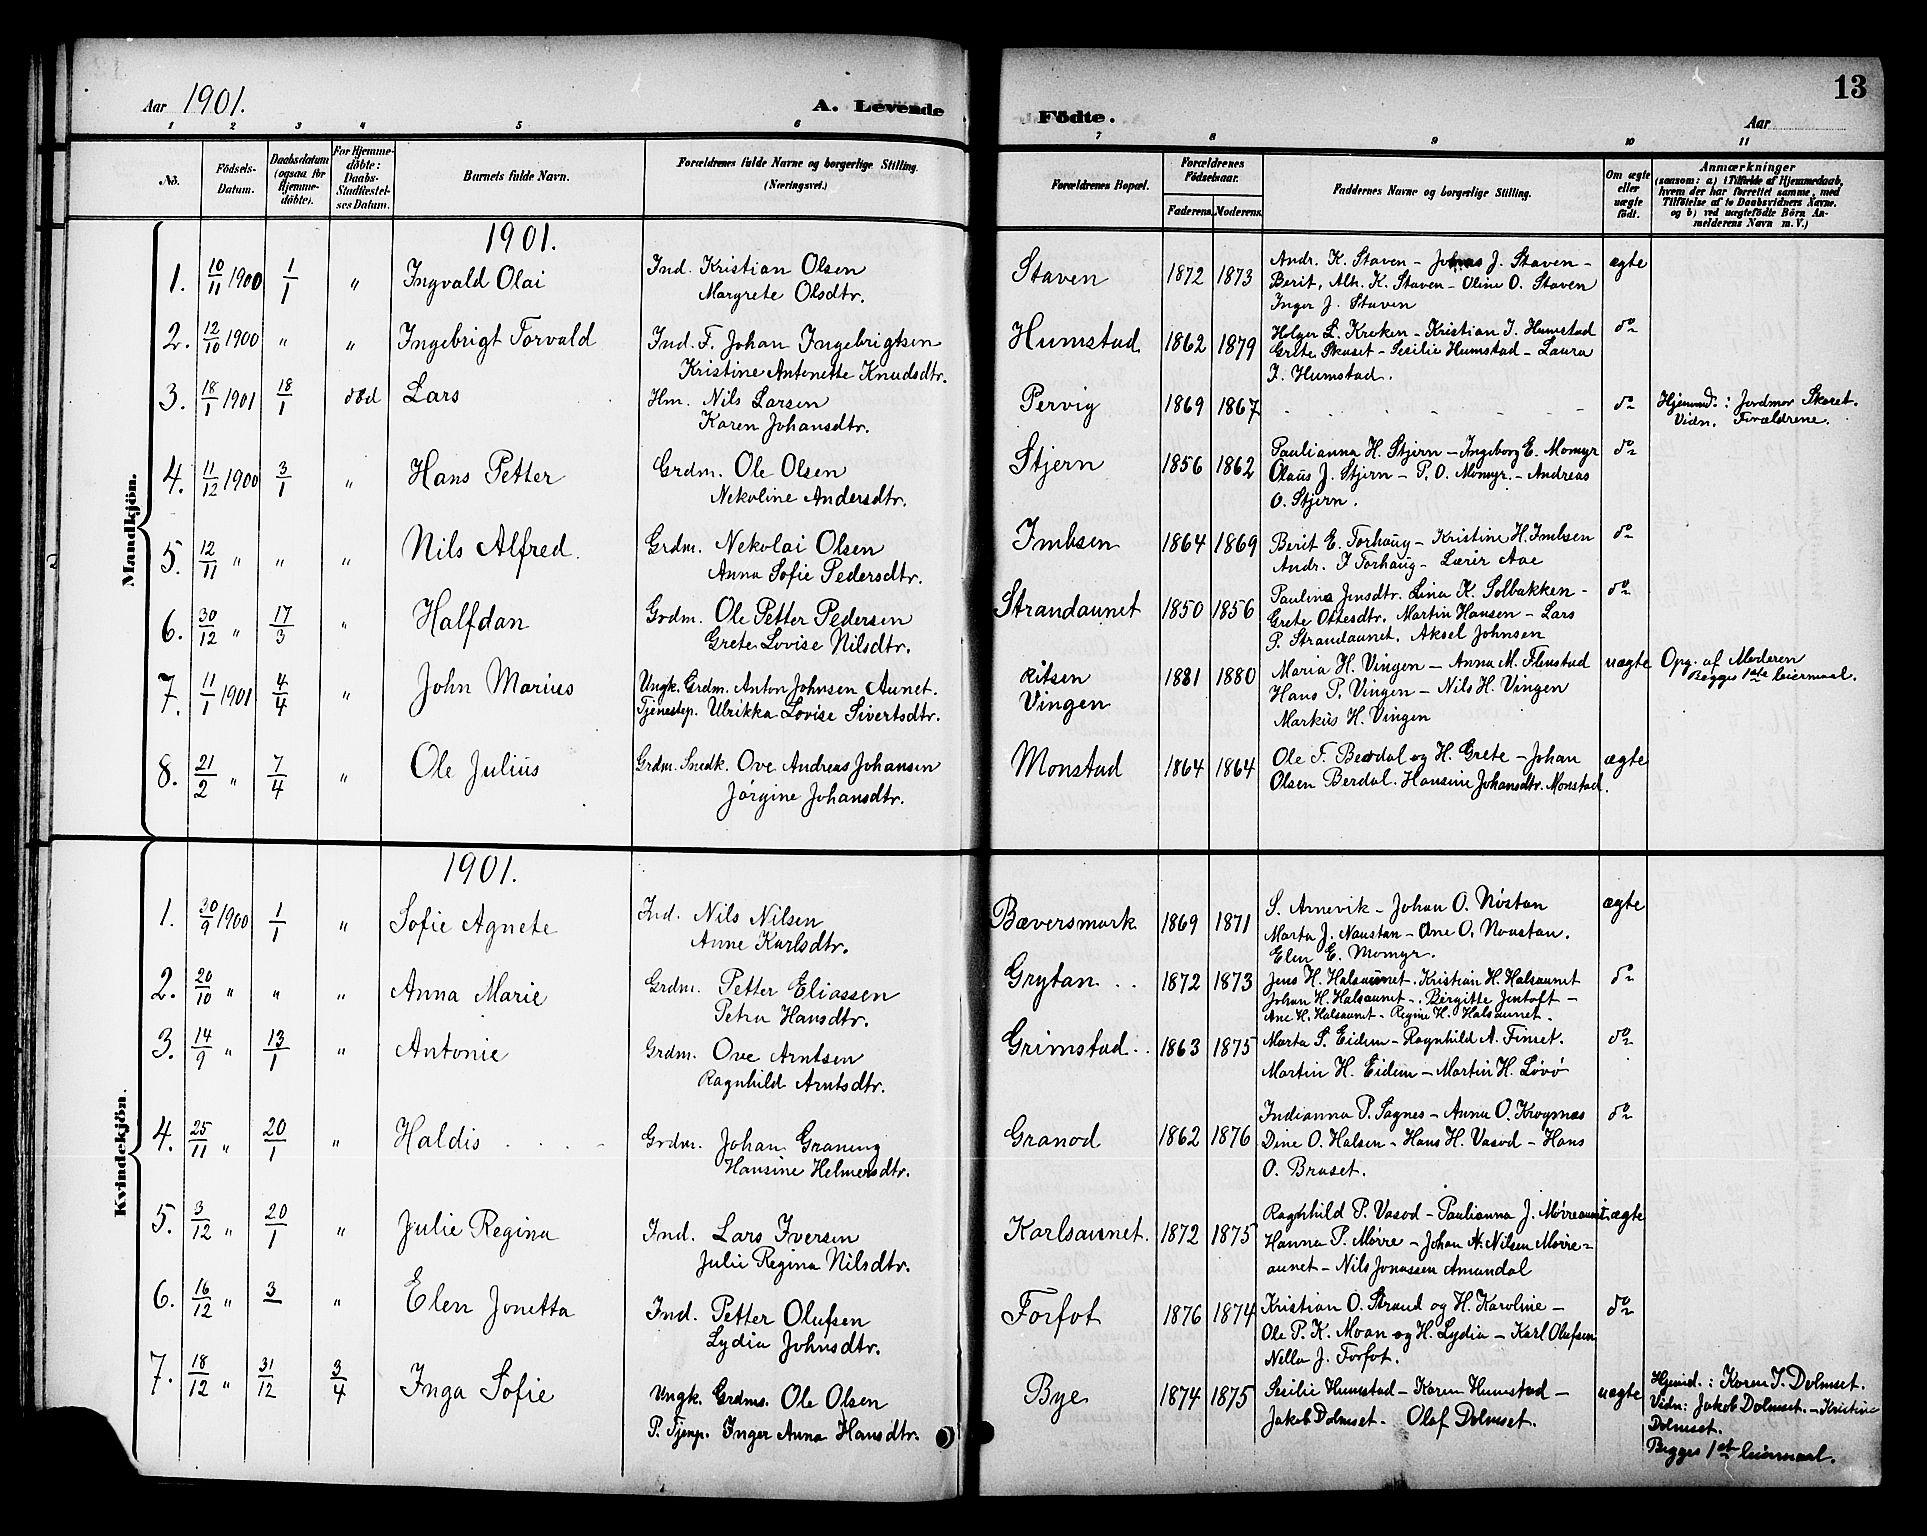 SAT, Ministerialprotokoller, klokkerbøker og fødselsregistre - Sør-Trøndelag, 655/L0688: Klokkerbok nr. 655C04, 1899-1922, s. 13